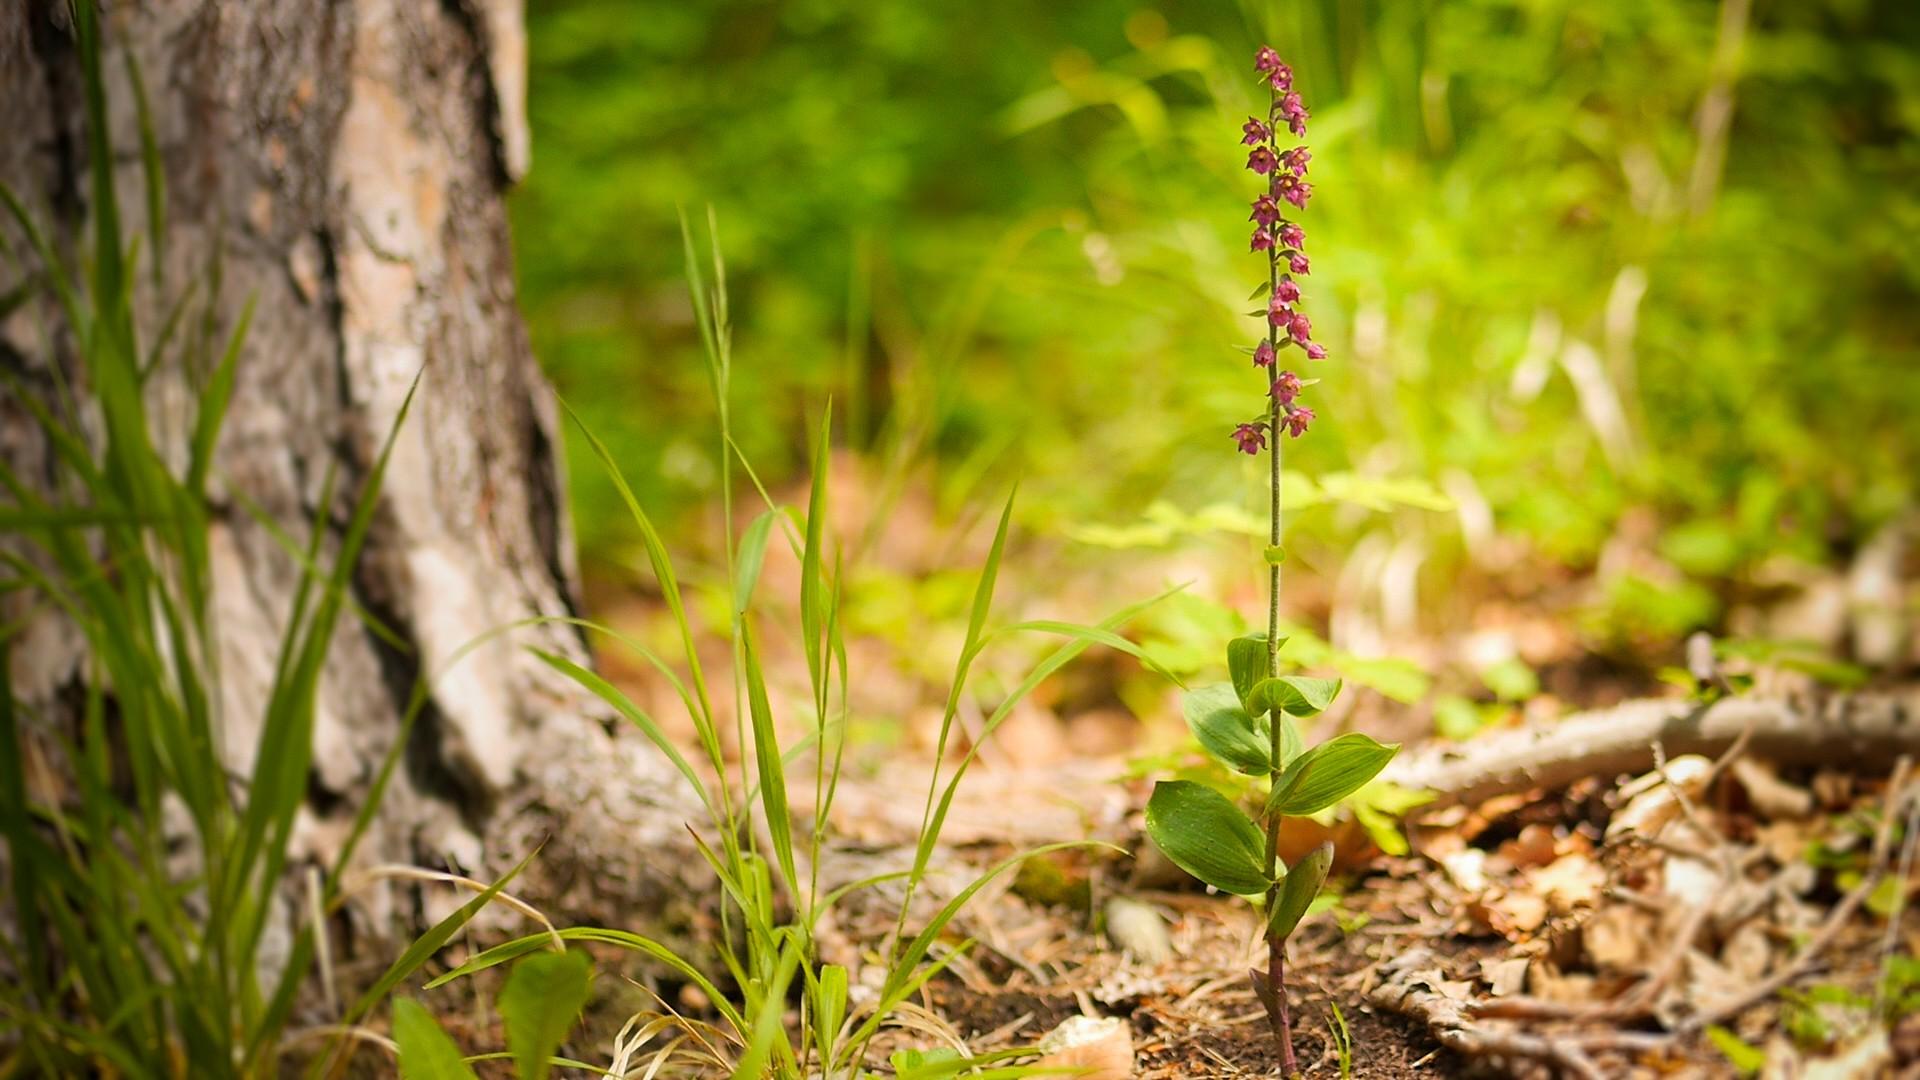 pDienbspBraunrote-Stendelwurz-stehtnbspwie-alle-einheimischen-Orchideenarten-unter-Naturschutz-Sie-kann-eine-Wuchshoumlhe-von-bis-zu-80-cm-erreichenp